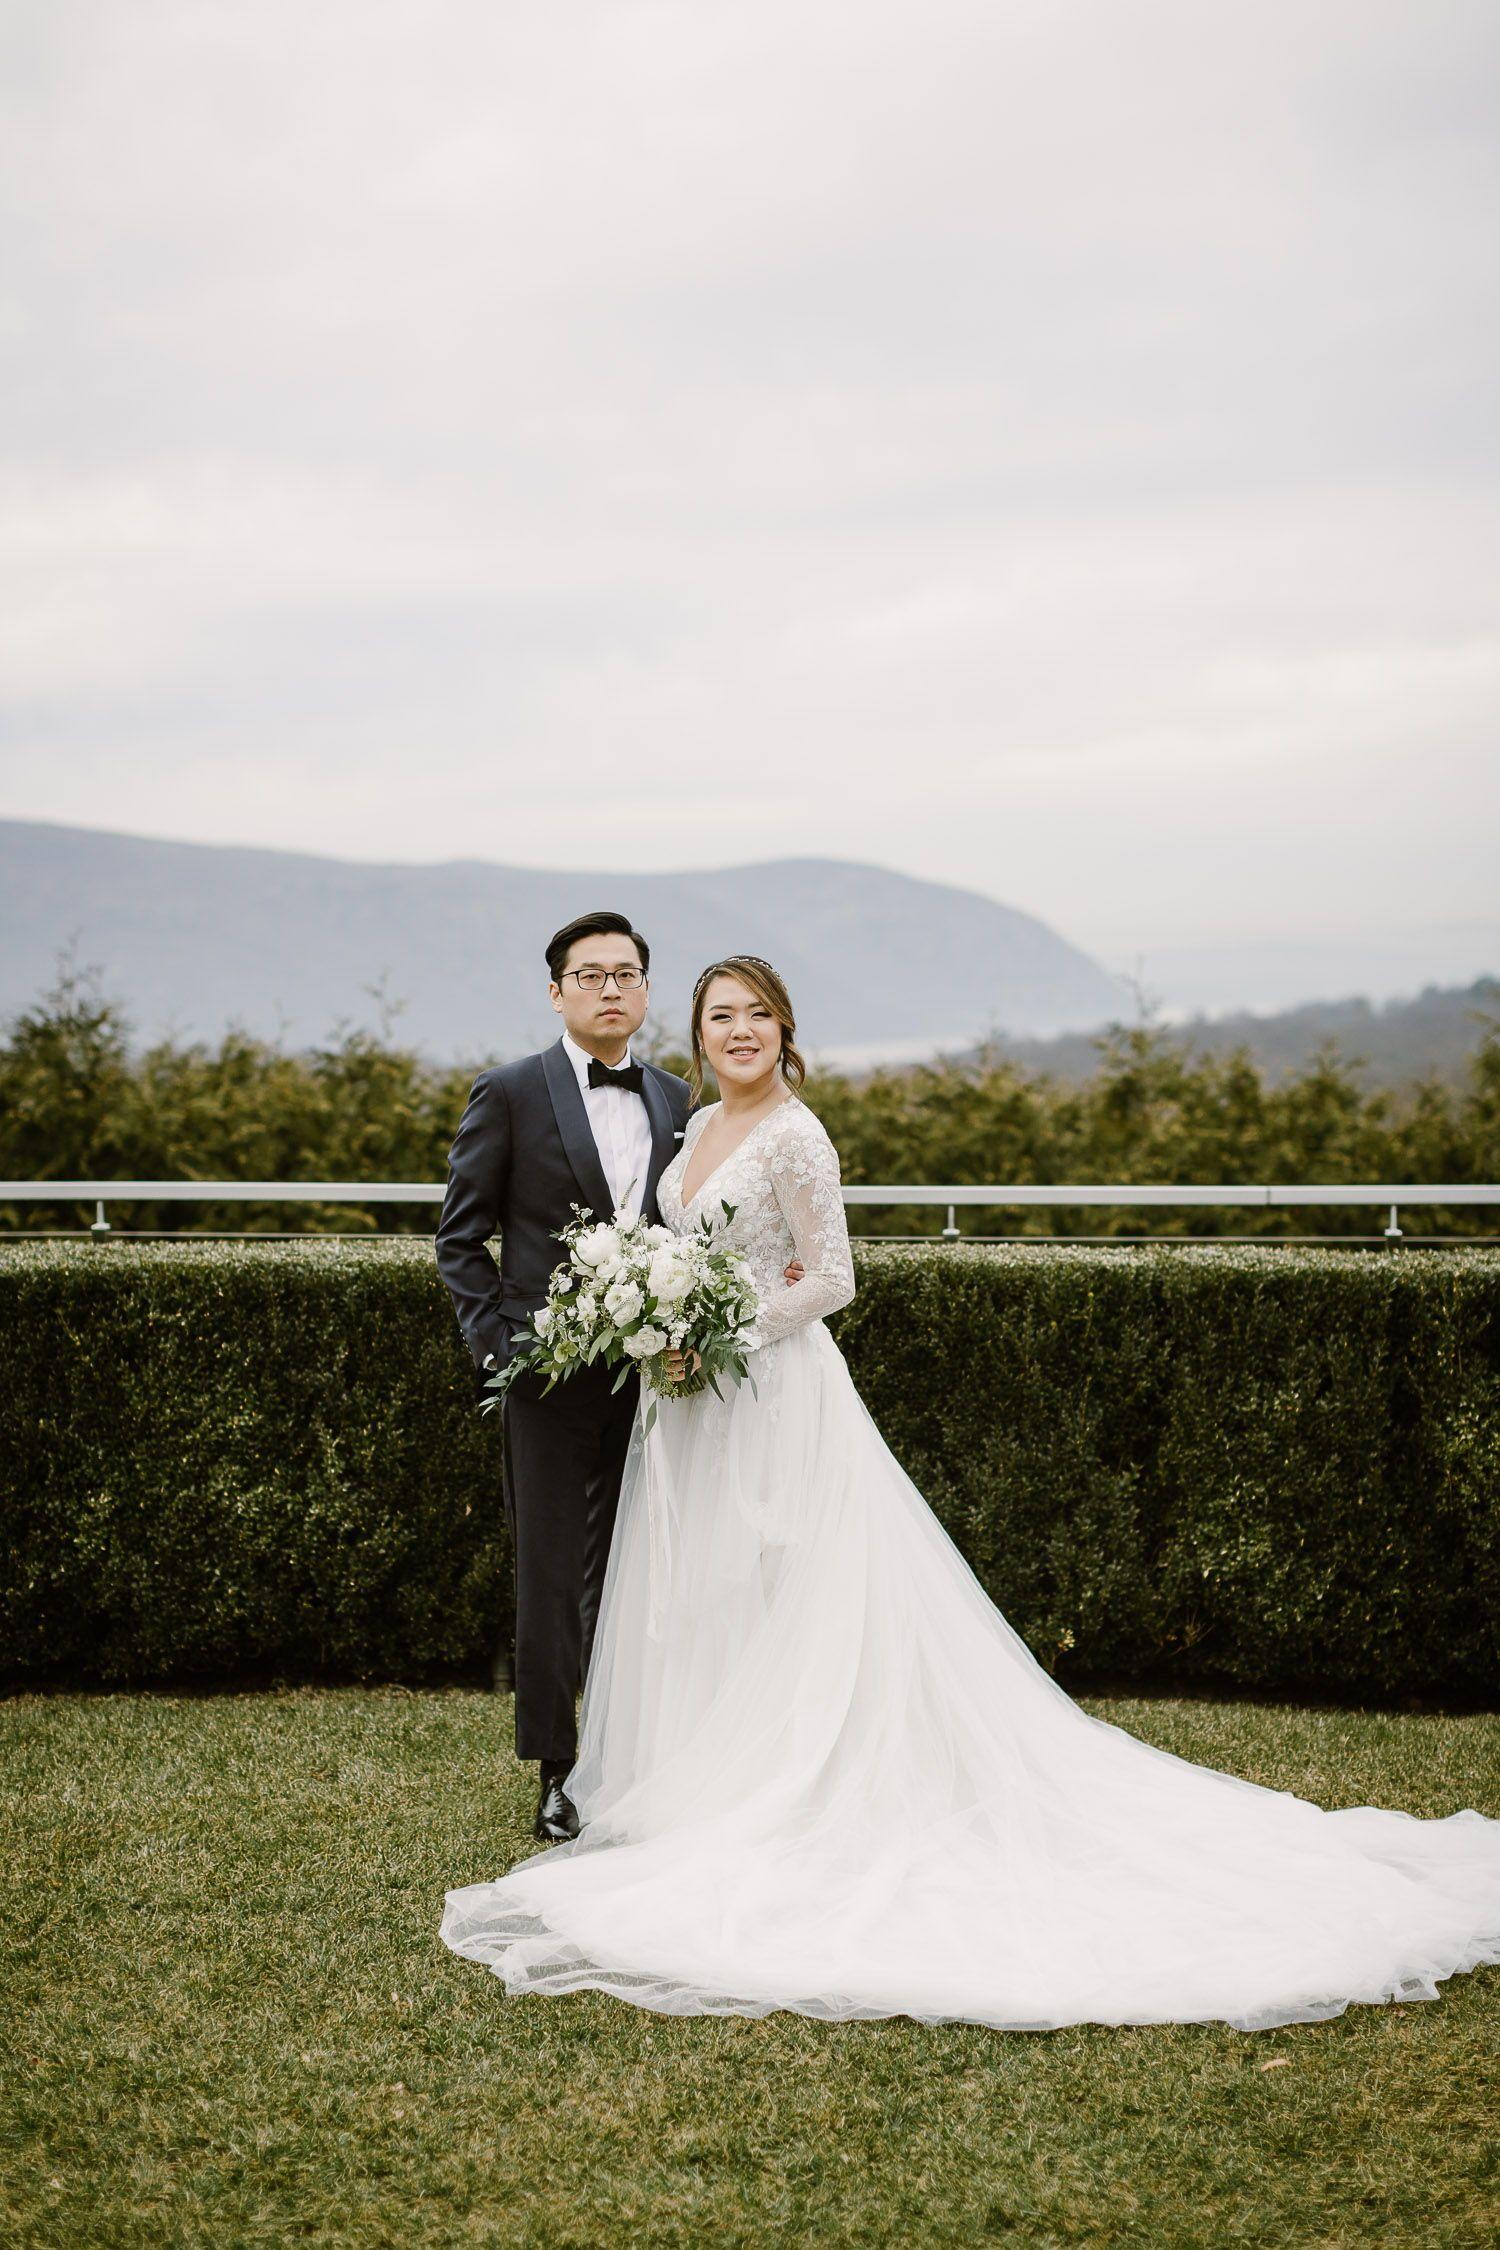 The Garrison Wedding Hudson Valley Wedding Photographer In 2020 Hudson Valley Wedding Hudson Valley Wedding Photographer White Winter Wedding